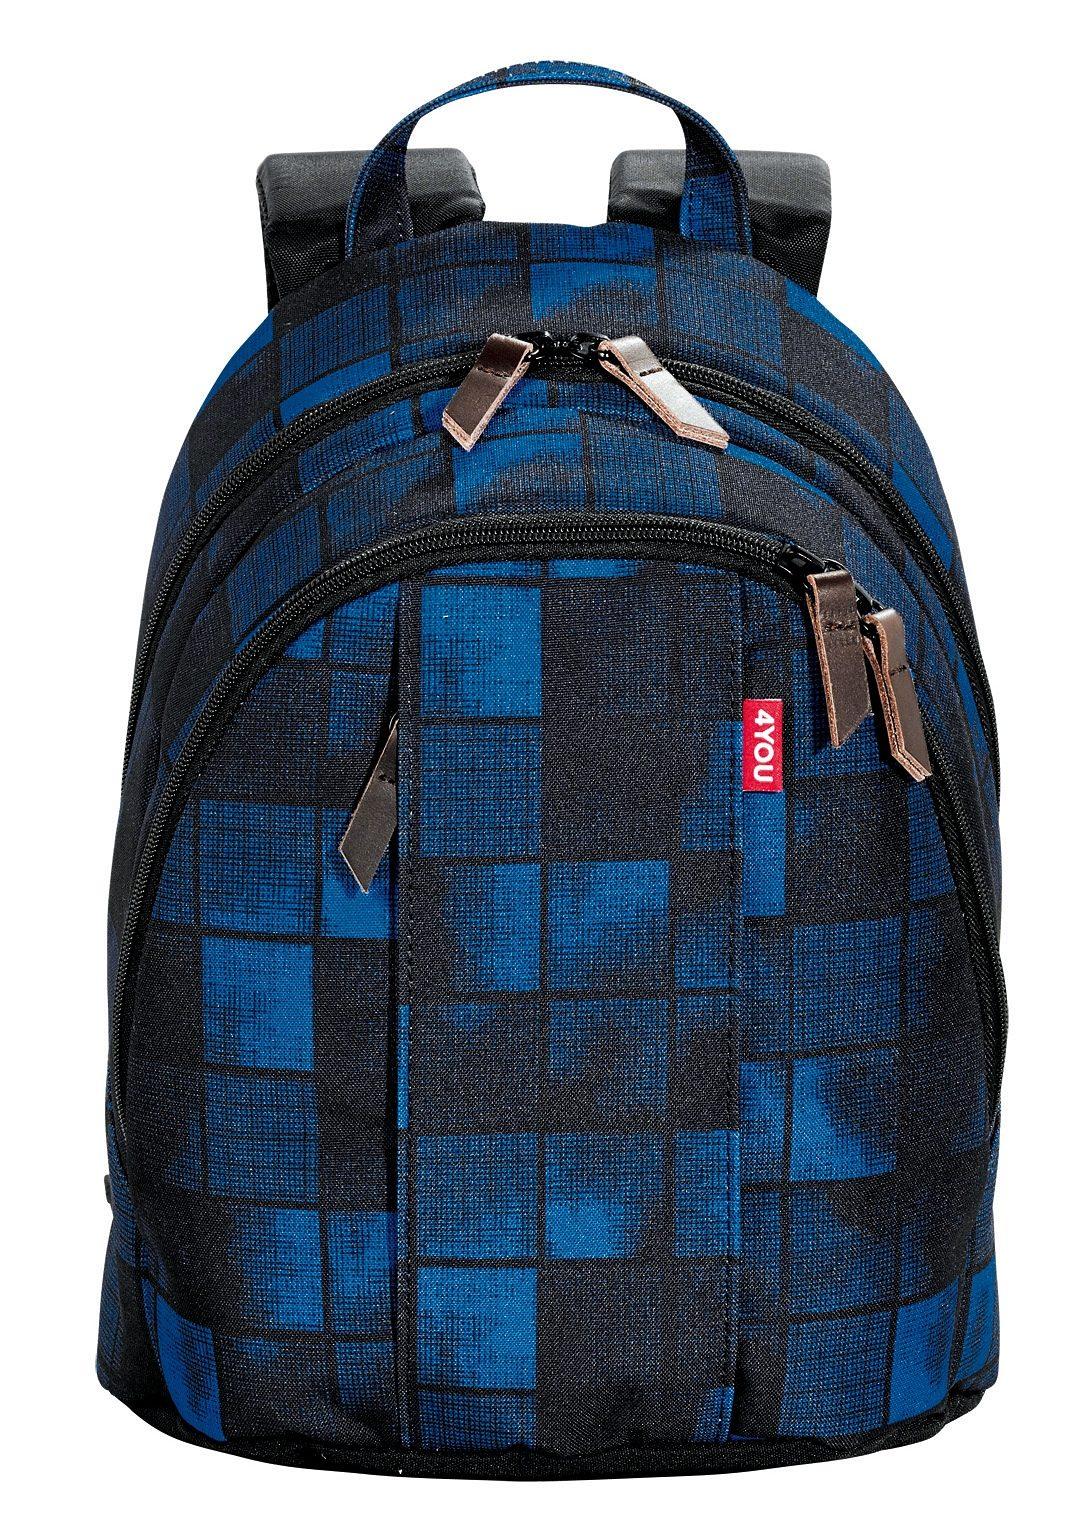 4YOU Rucksack, Squares Blue, »Minirucksack«